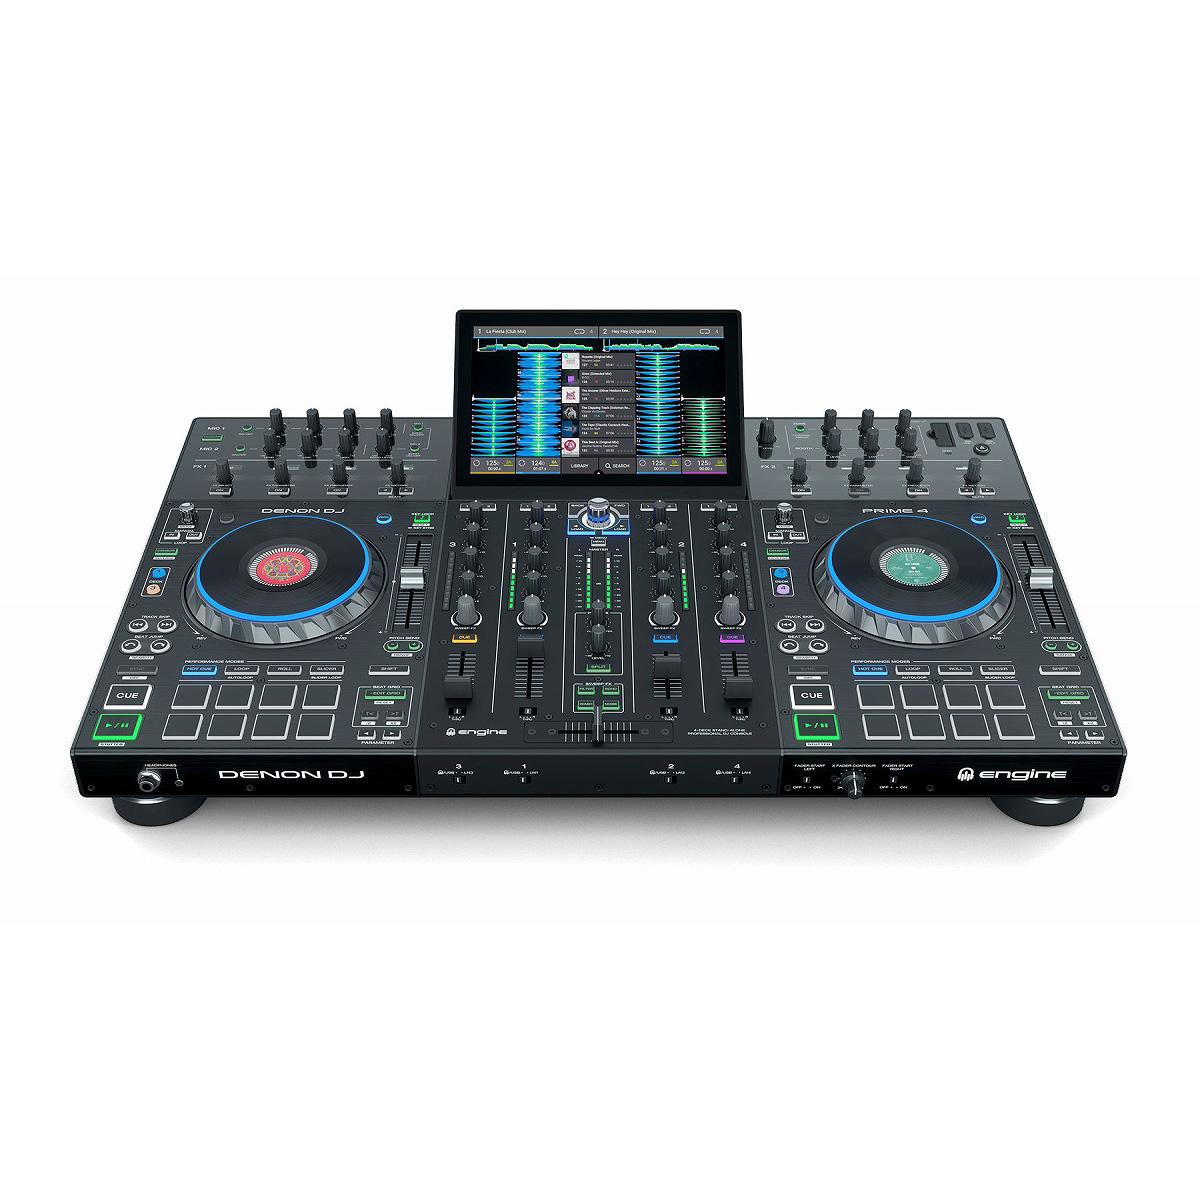 Denon DJ / Prime 4 4チャンネルスタンドアローンDJシステム【SCRATCH音ネタ入りUSBメモリーサービス!】【お取り寄せ商品】【渋谷店】